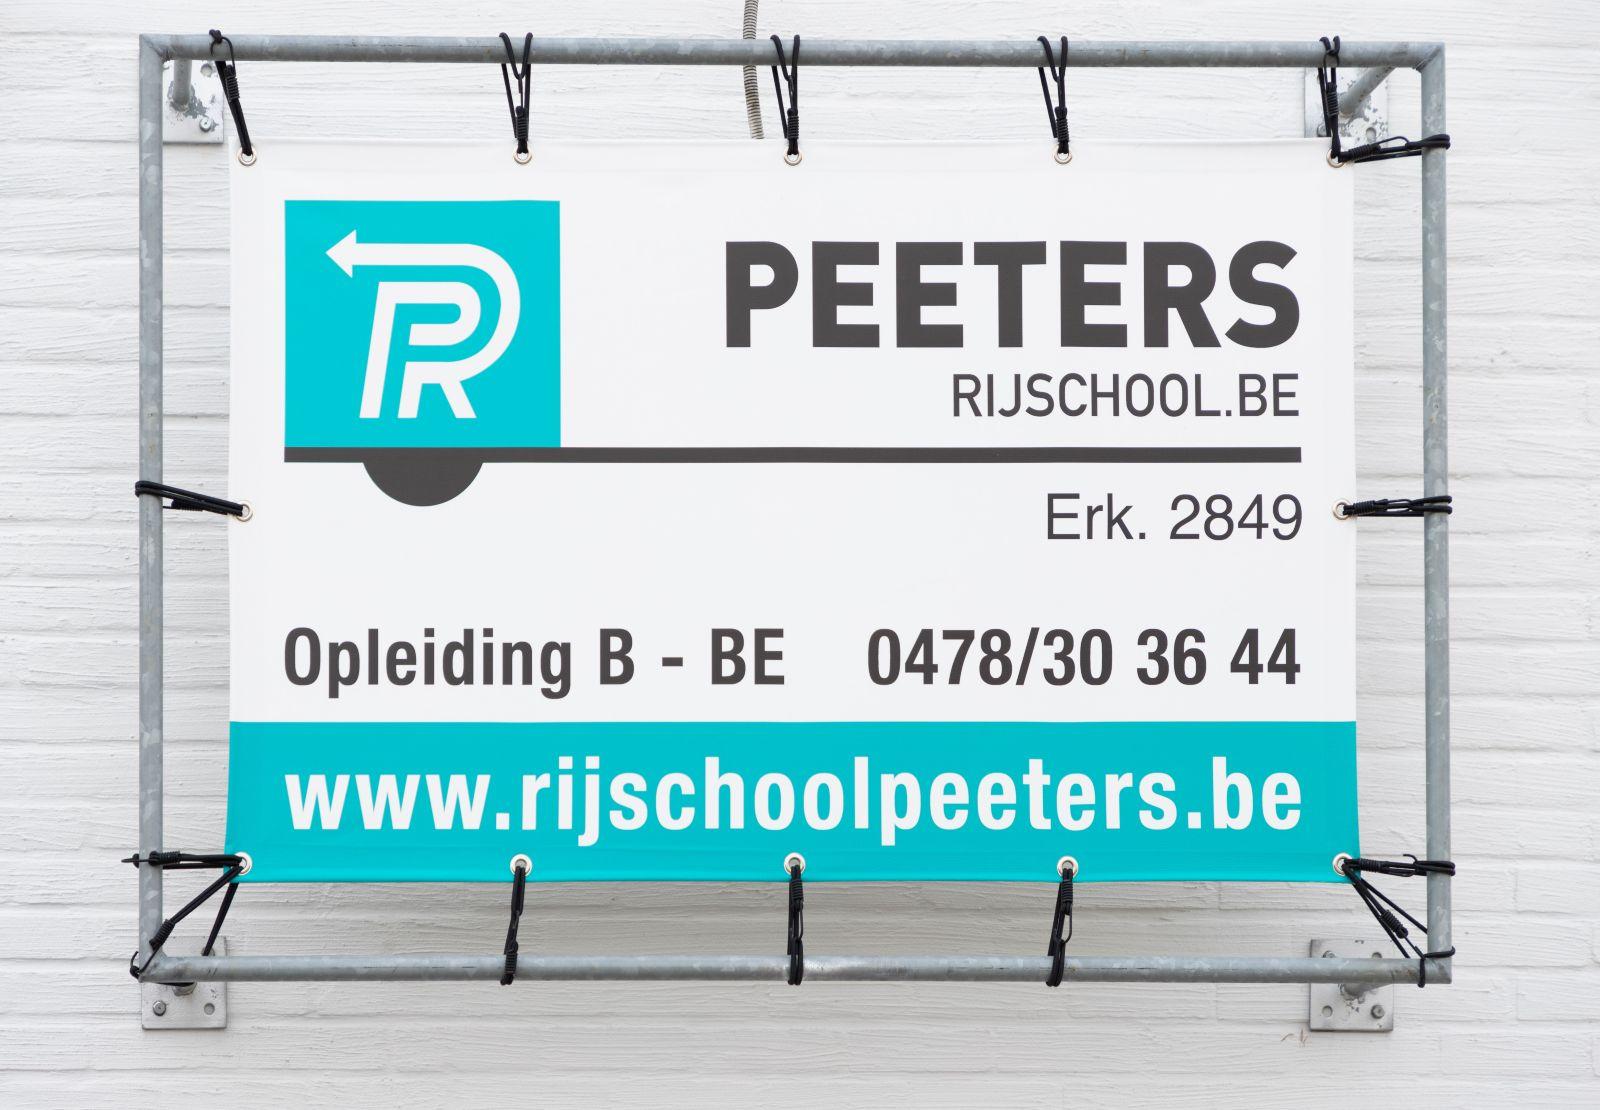 Peeters Rijopleiding banner